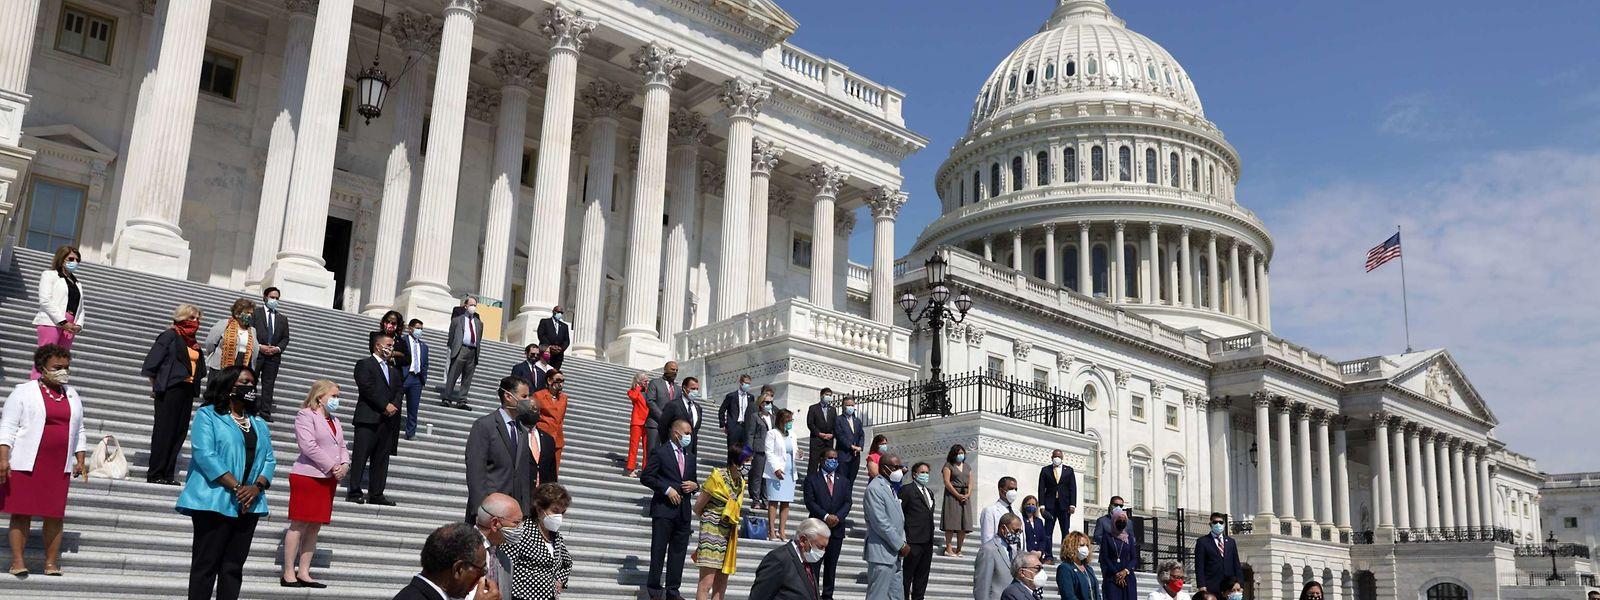 Demokraten des US-Repräsentantenhauses bei einem Event für weitreichende Polizeireformen.